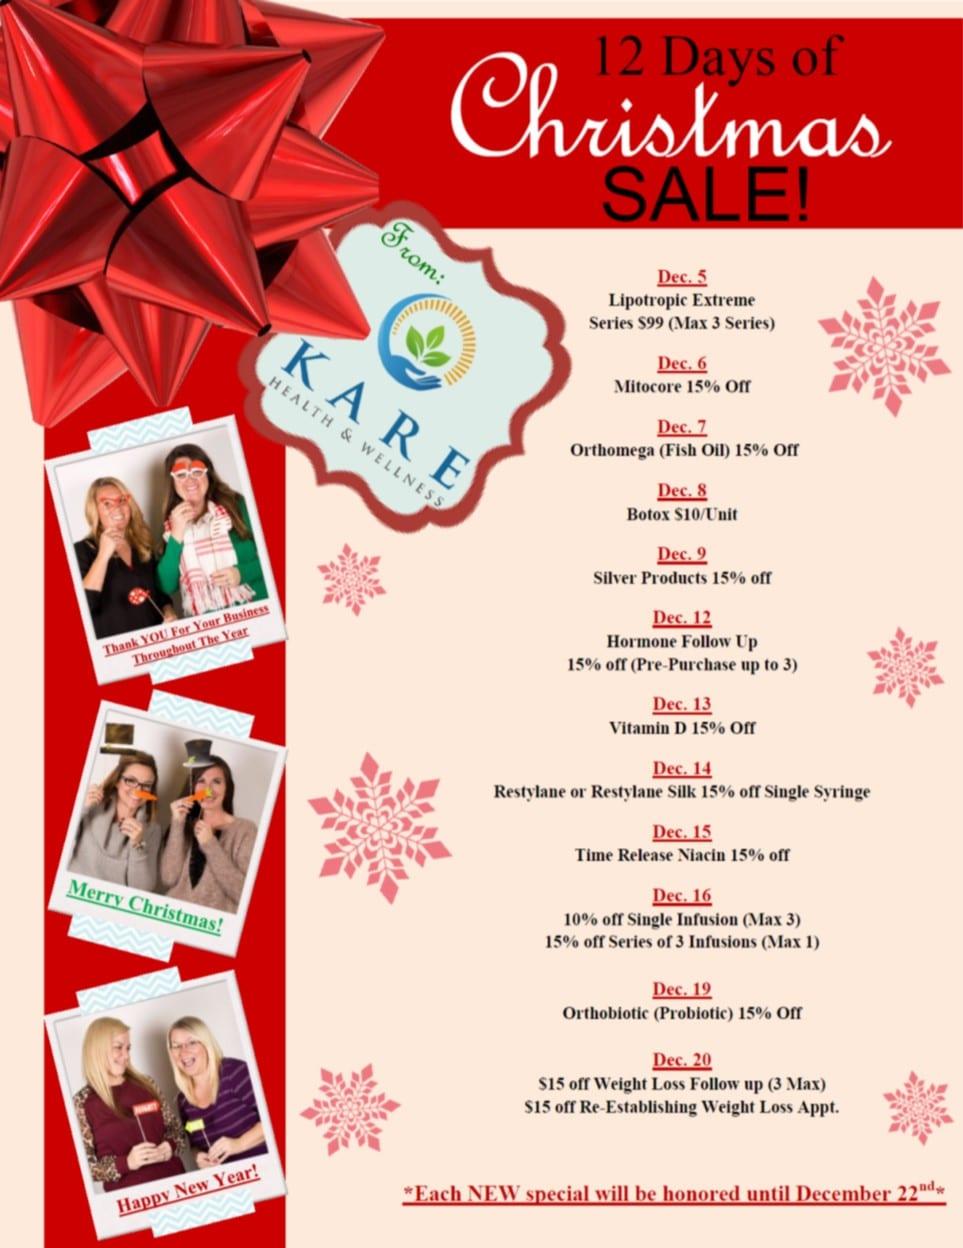 12 days of christmas flyer - Denmar.impulsar.co